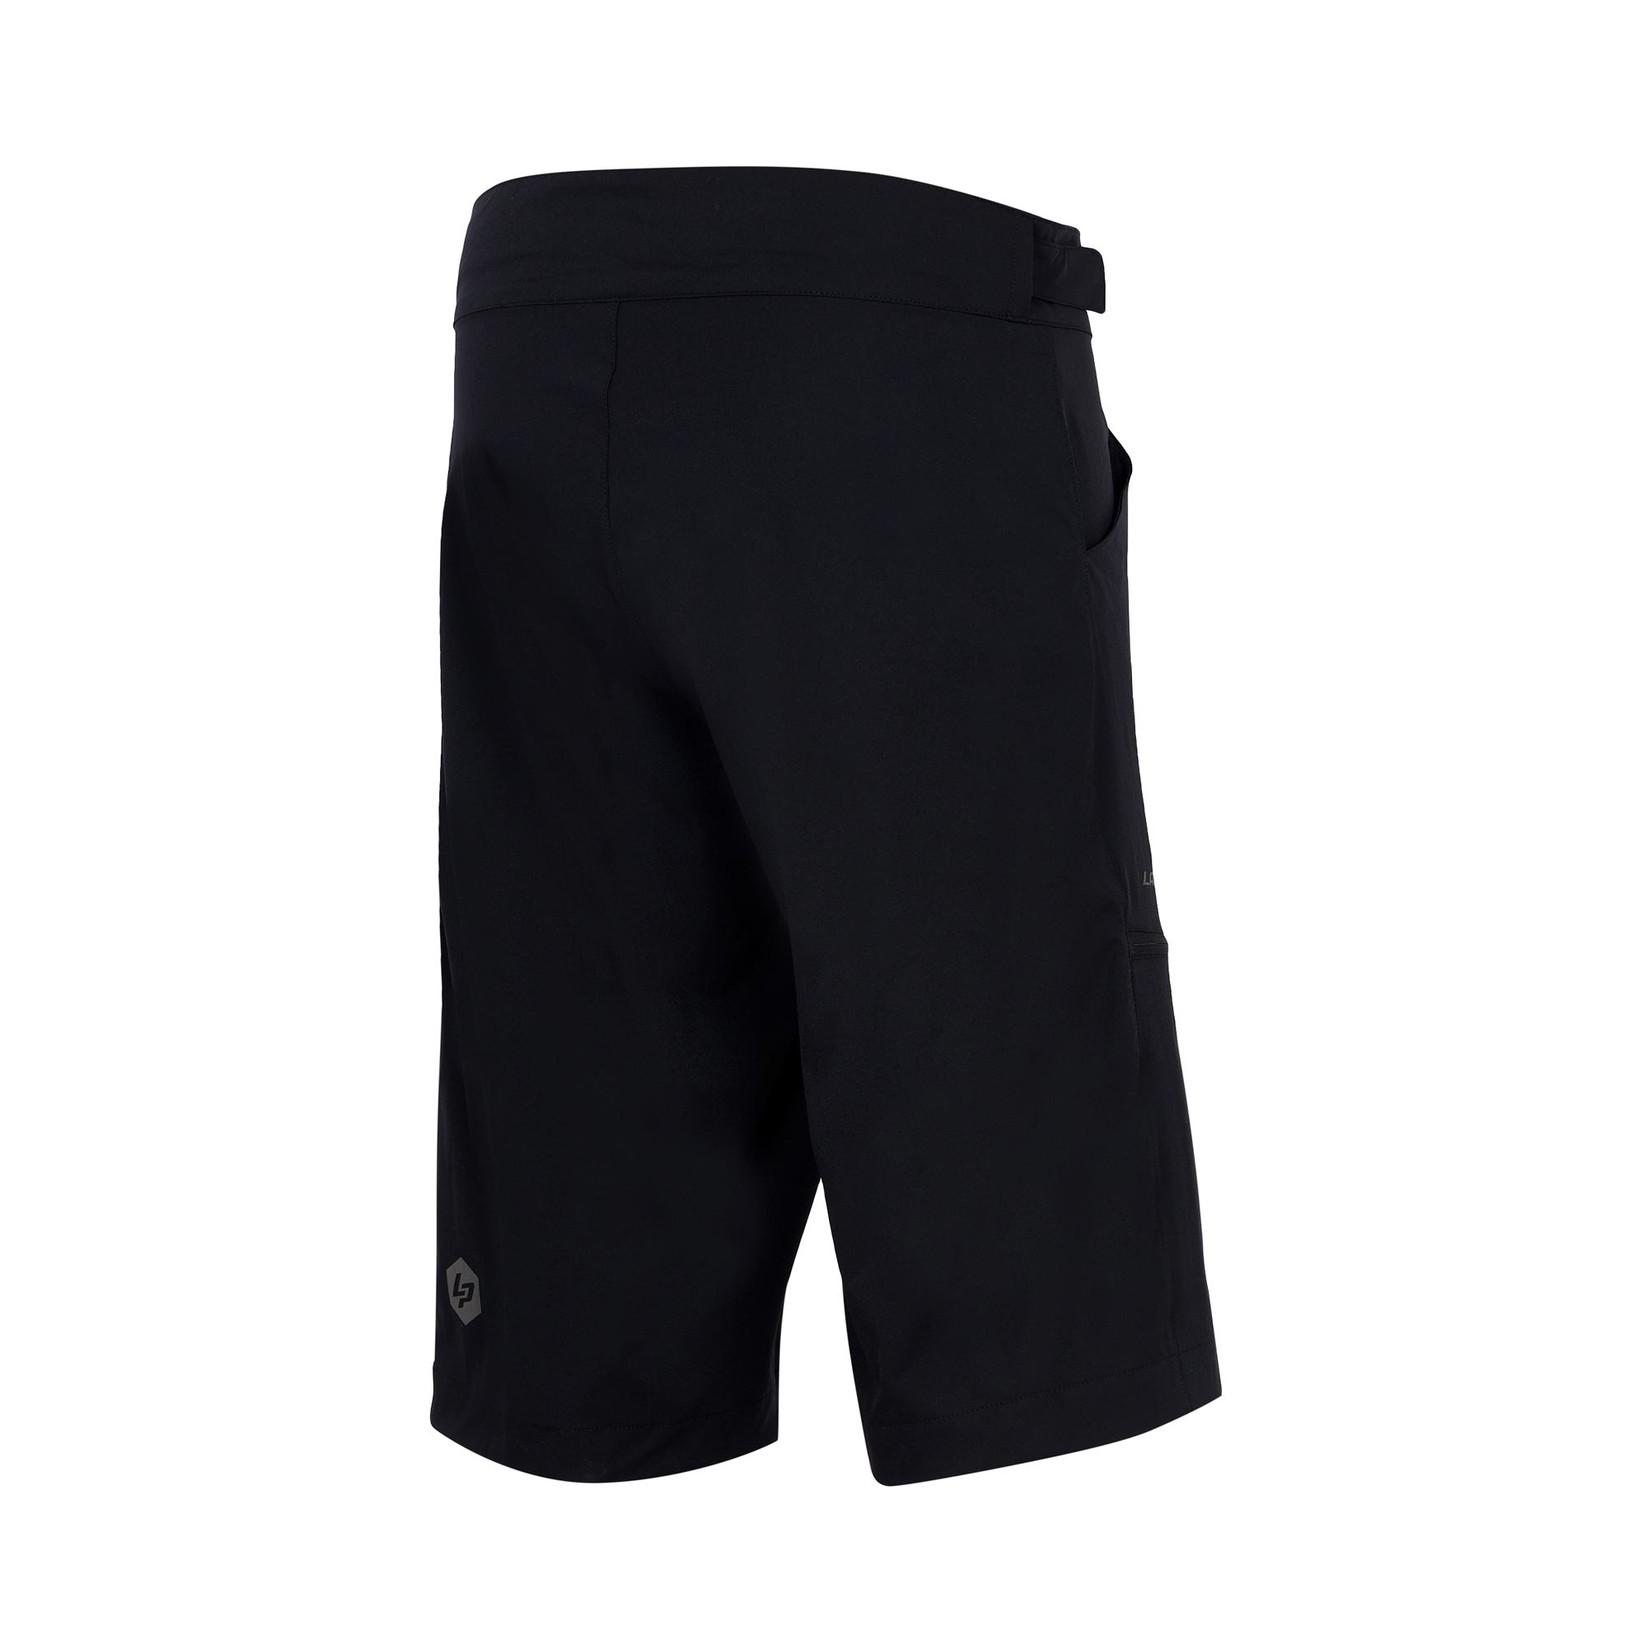 Lapierre Supreme Single Track MTB Shorts Black